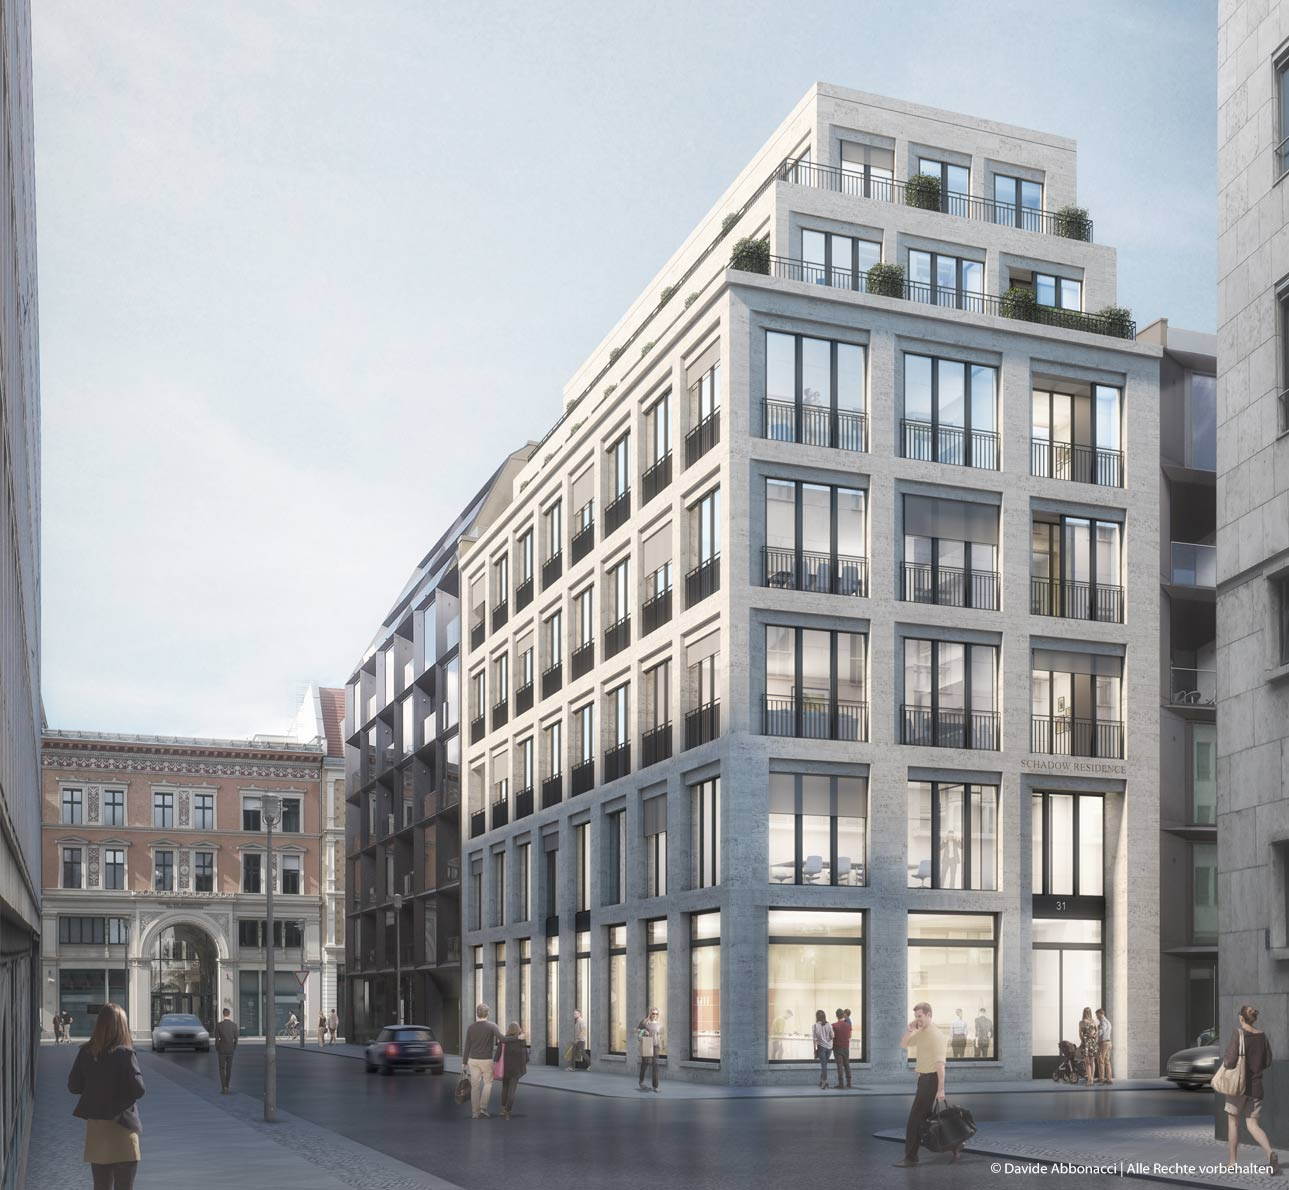 Wohn- und Geschäftshaus, Schadowstraße, Berlin | Wiegand Hoffmann Architekten | 2017 Wettbewerbsvisualisierung